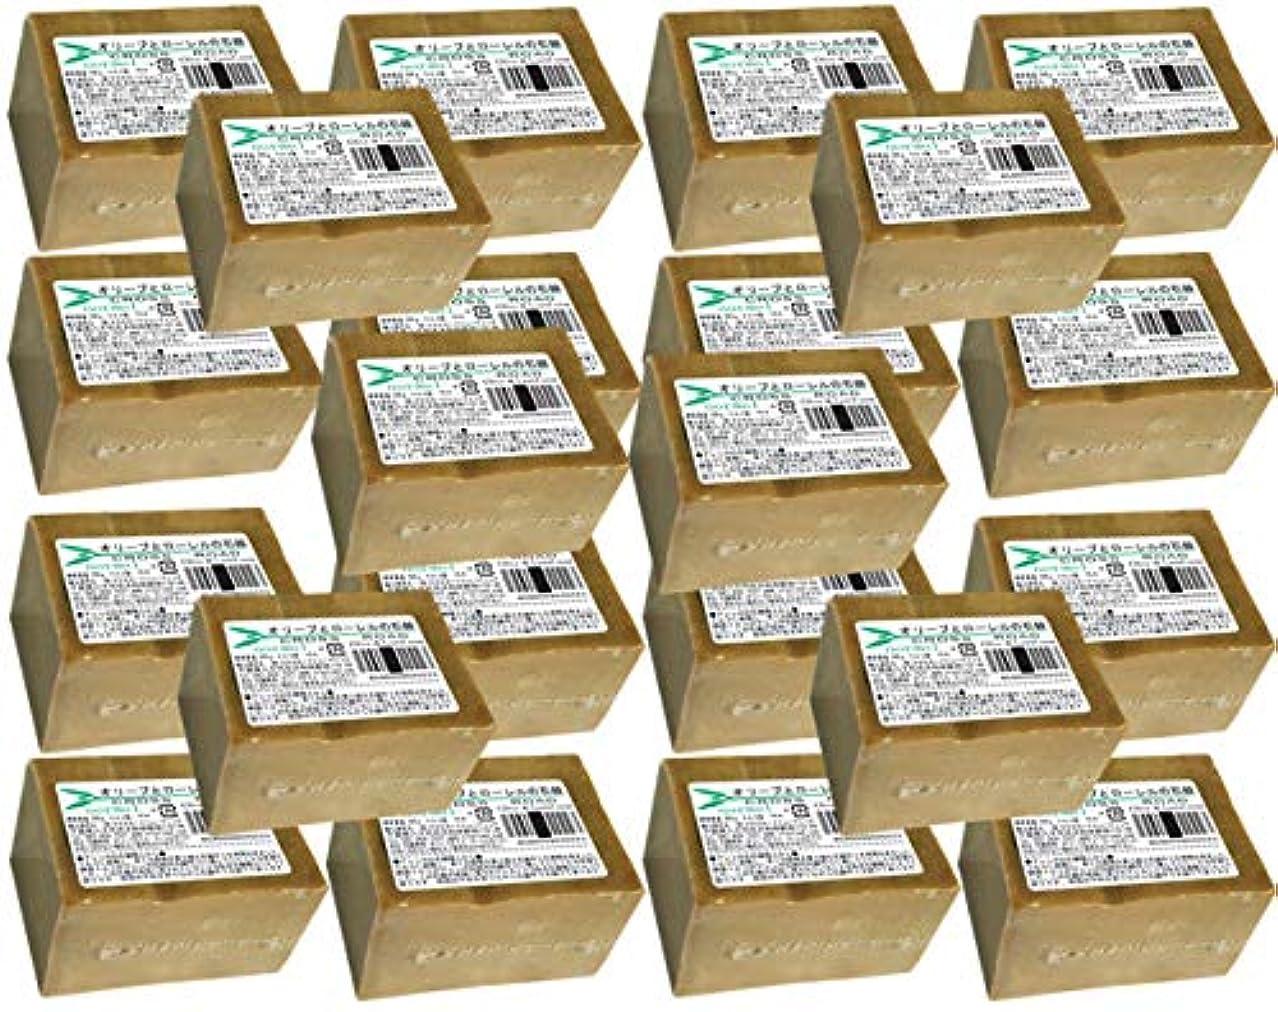 浸漬コック摩擦オリーブとローレルの石鹸(ノーマル)22個セット[並行輸入品]